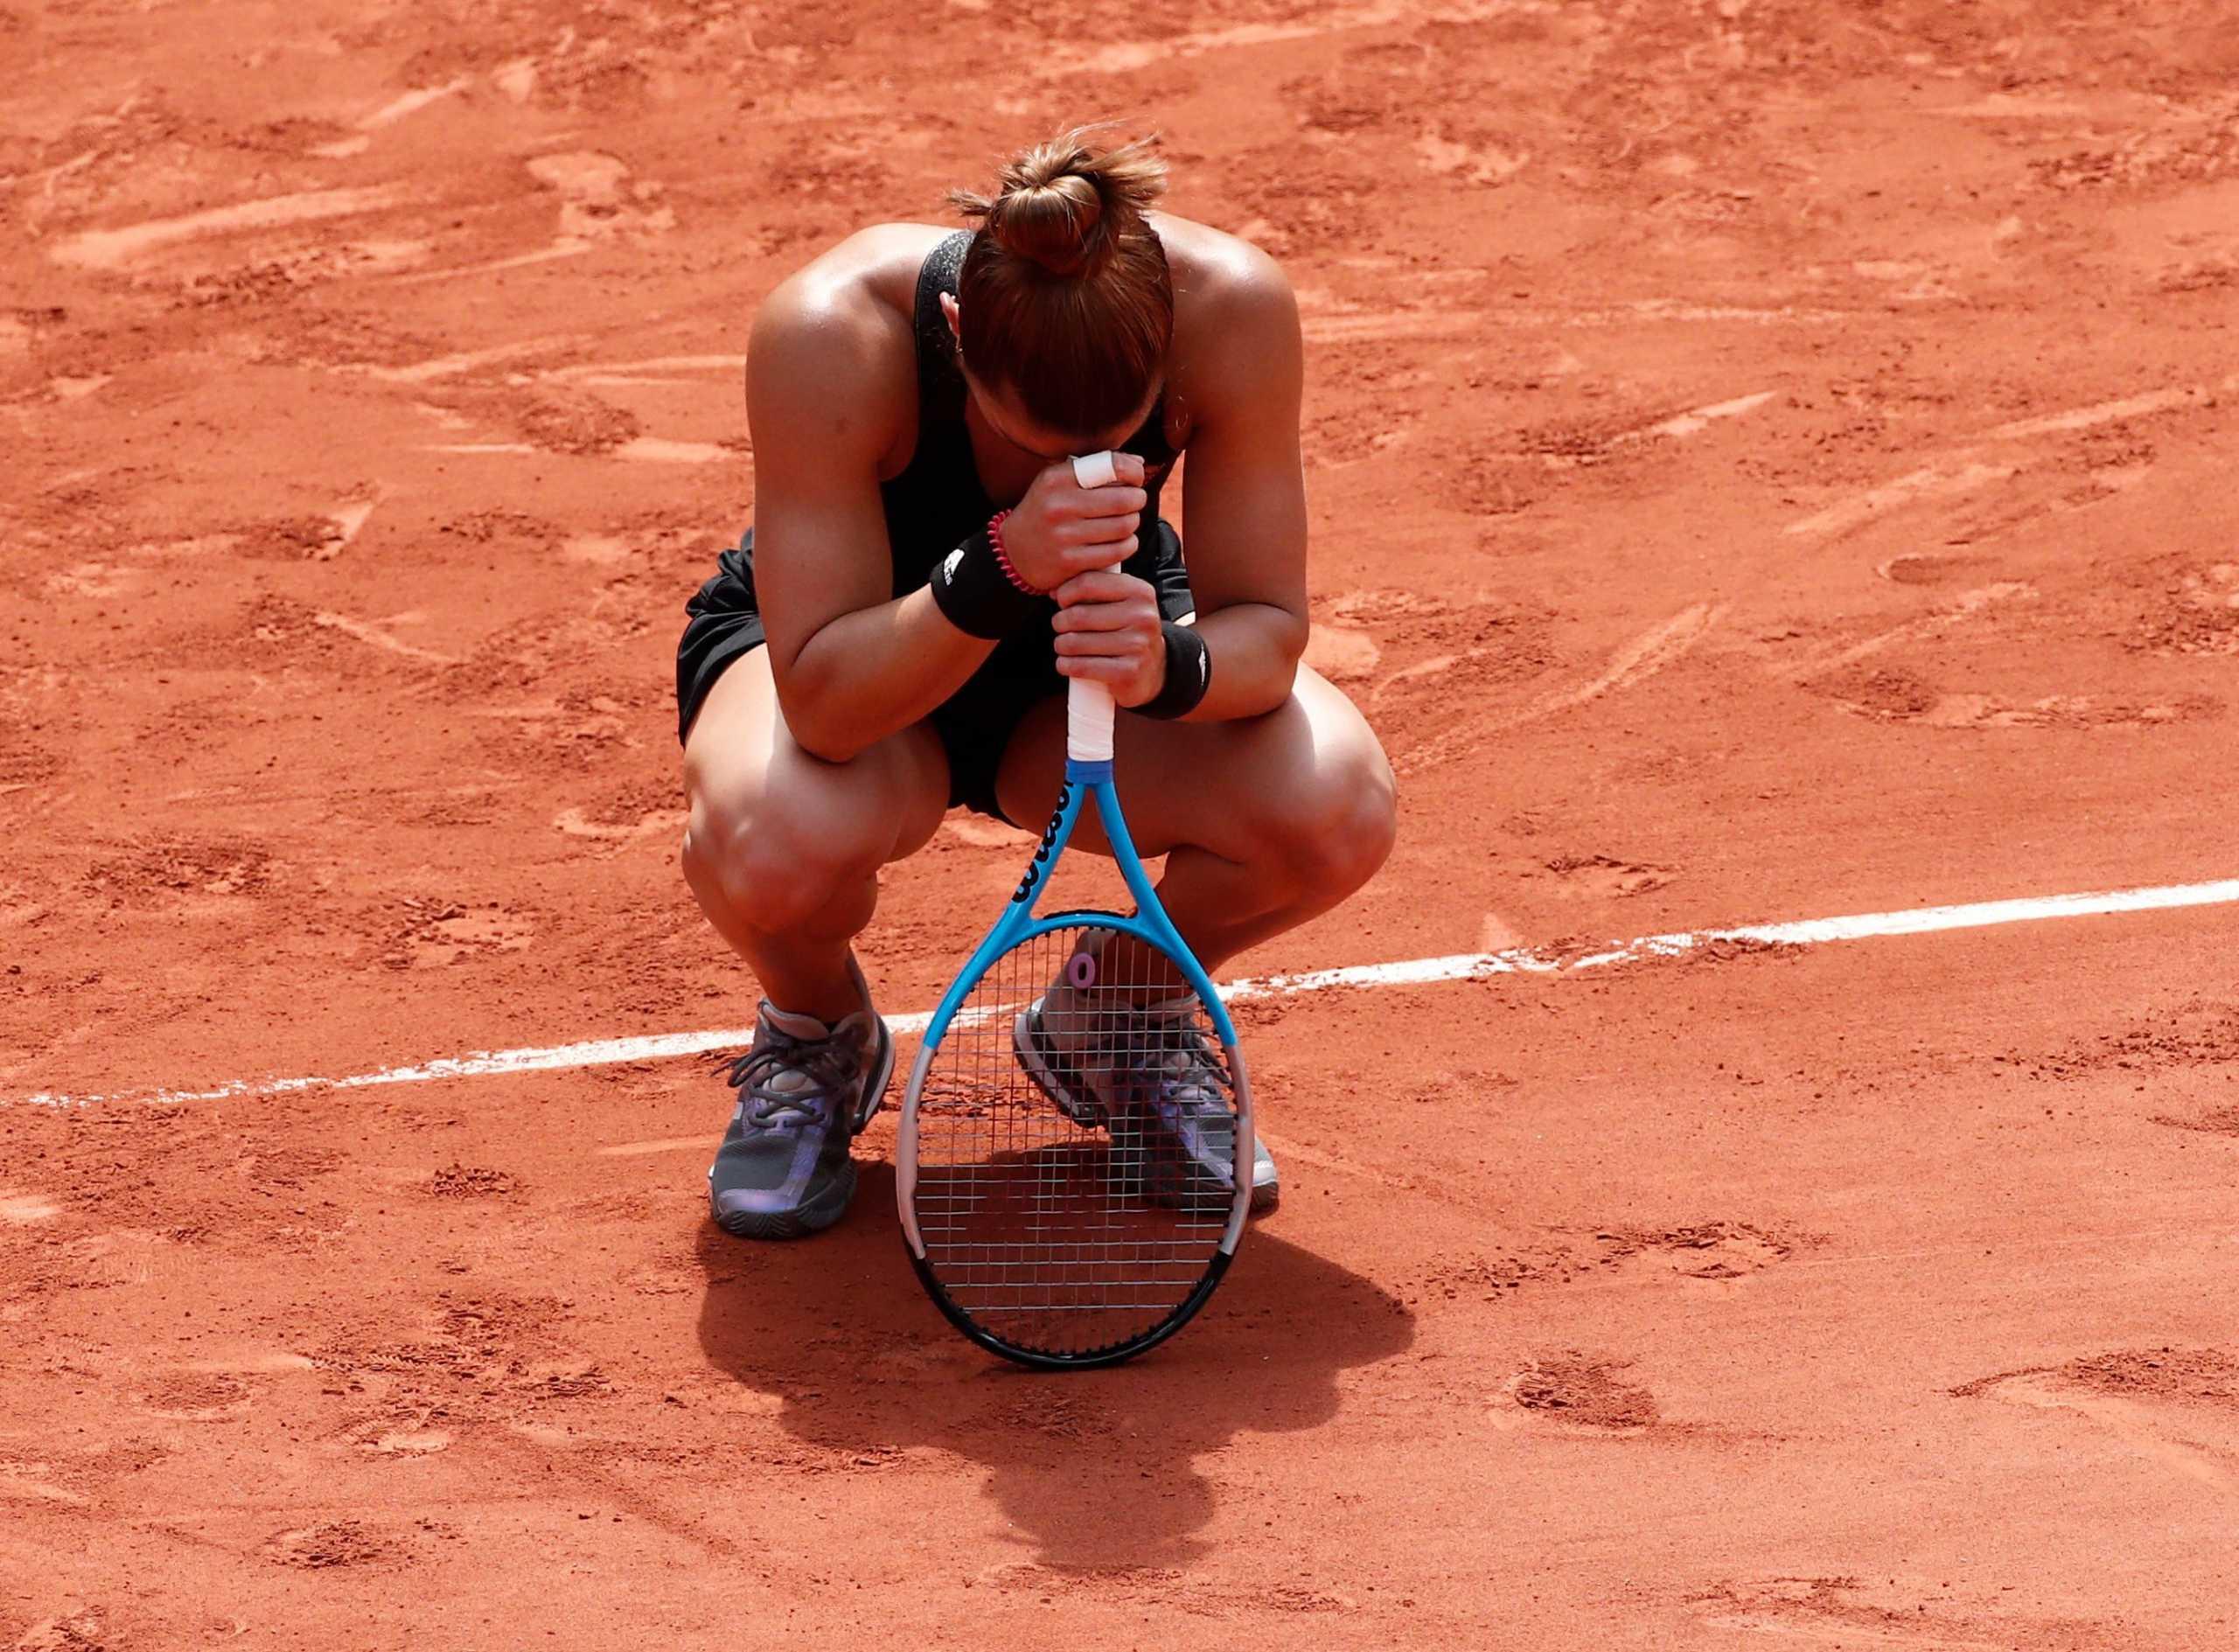 Μαρία Σάκκαρη: Ο τελευταίος πόντος και η συγκίνηση για την πρόκριση στα ημιτελικά του Roland Garros